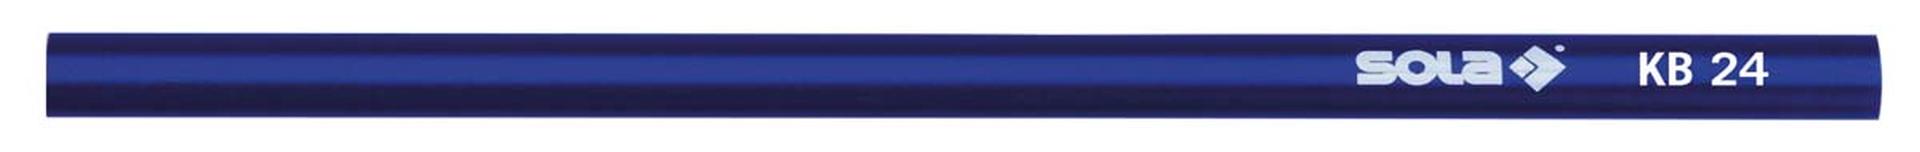 SOLA Kopierbleistift KB 24, blau